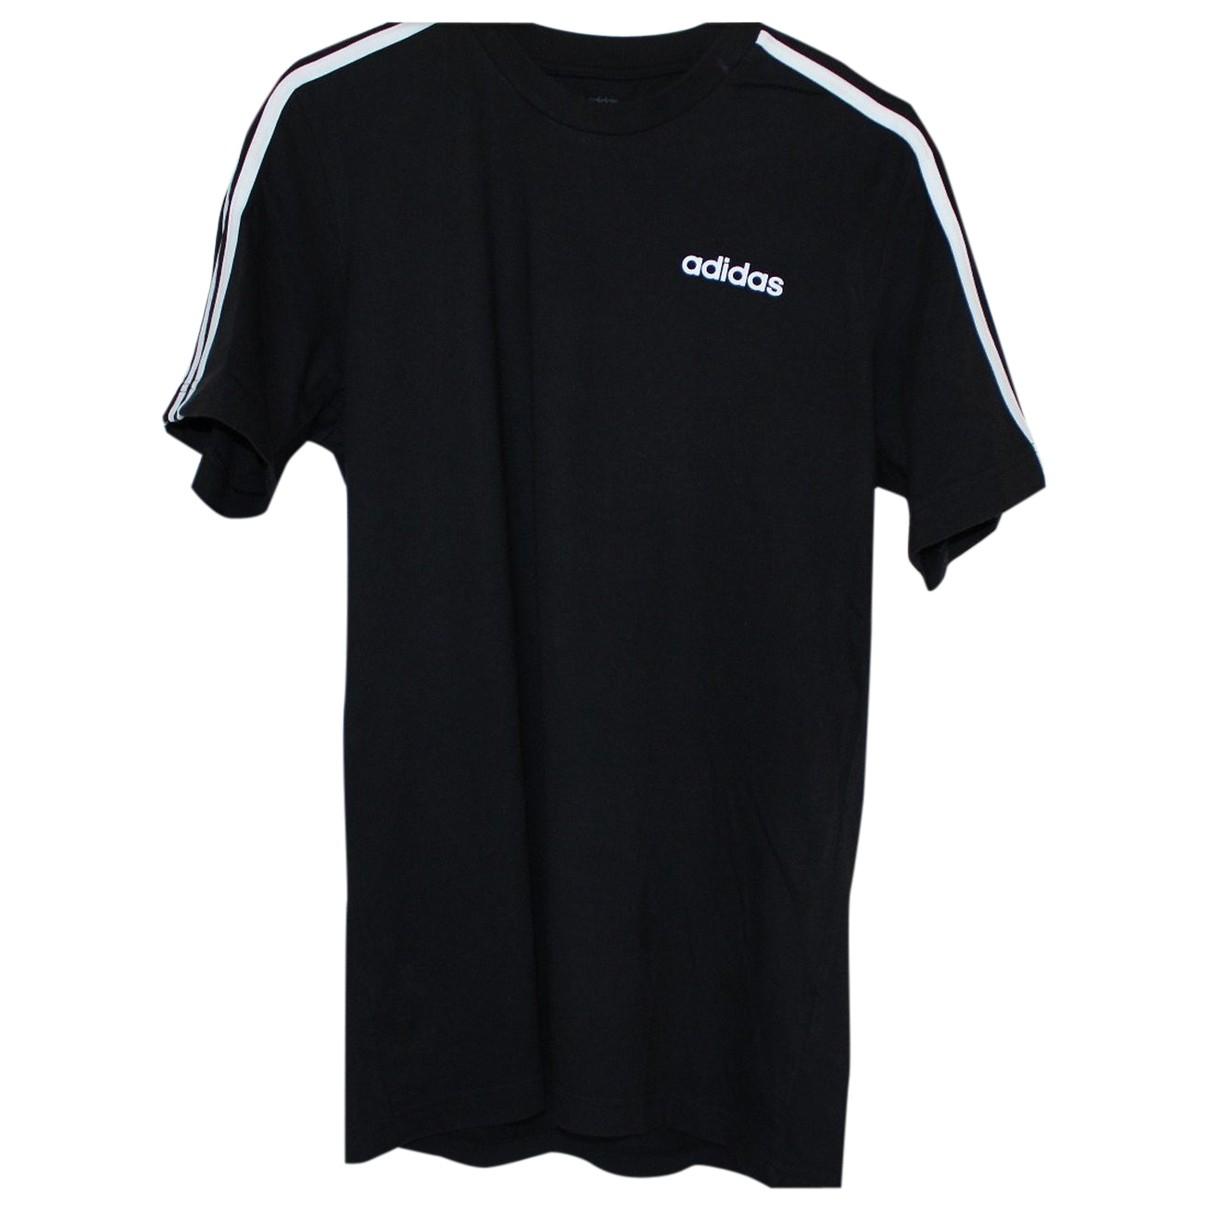 Adidas - Tee shirts   pour homme en coton - noir